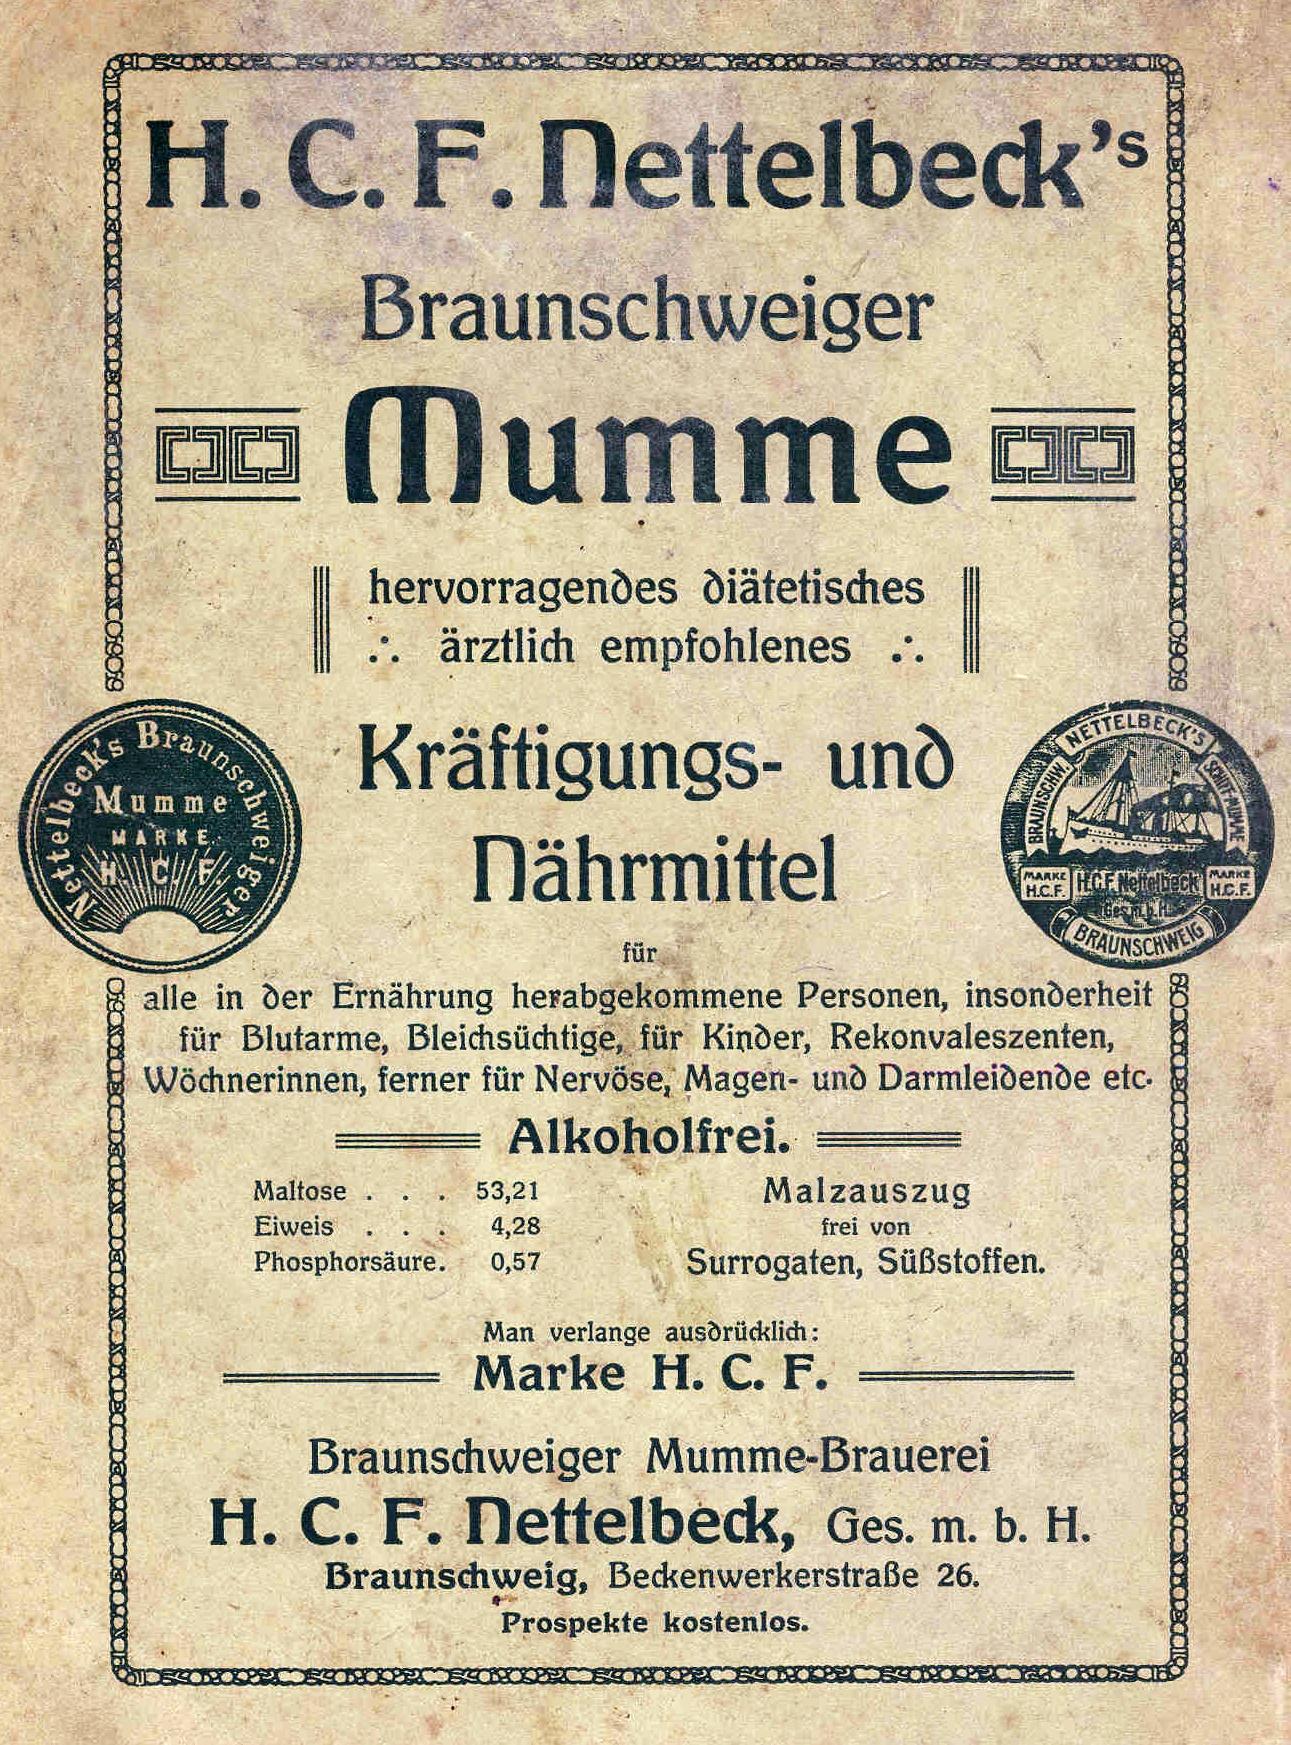 File Braunschweiger Mumme Nettelbeck Werbung 1910 Jpg Wikimedia